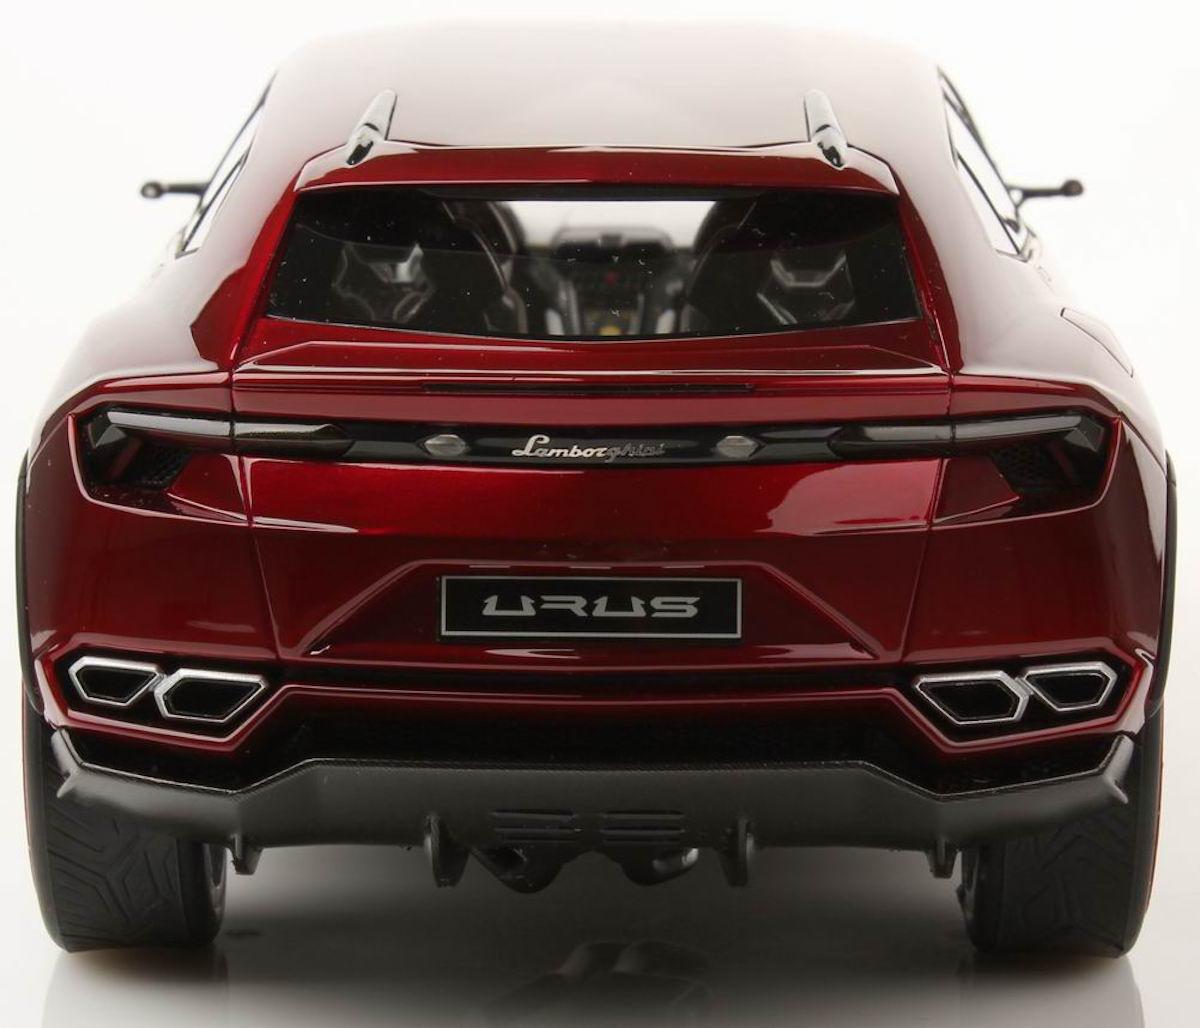 Lamborghini Urus Beijing Motorshow 2012 1 18 Mr